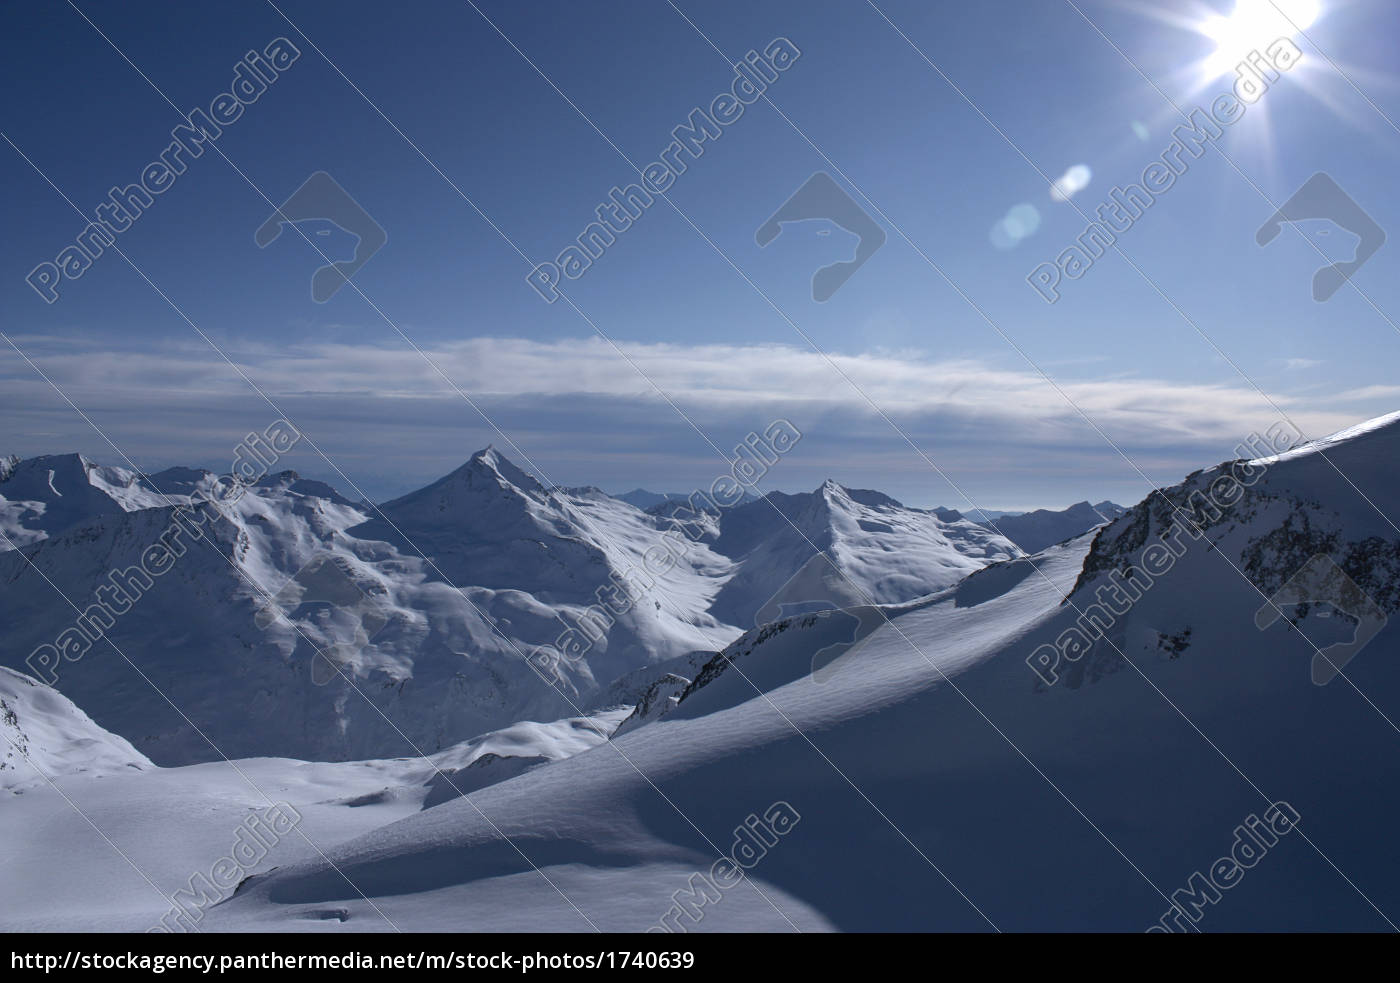 winter, in, der, schweiz, 2009 - 1740639